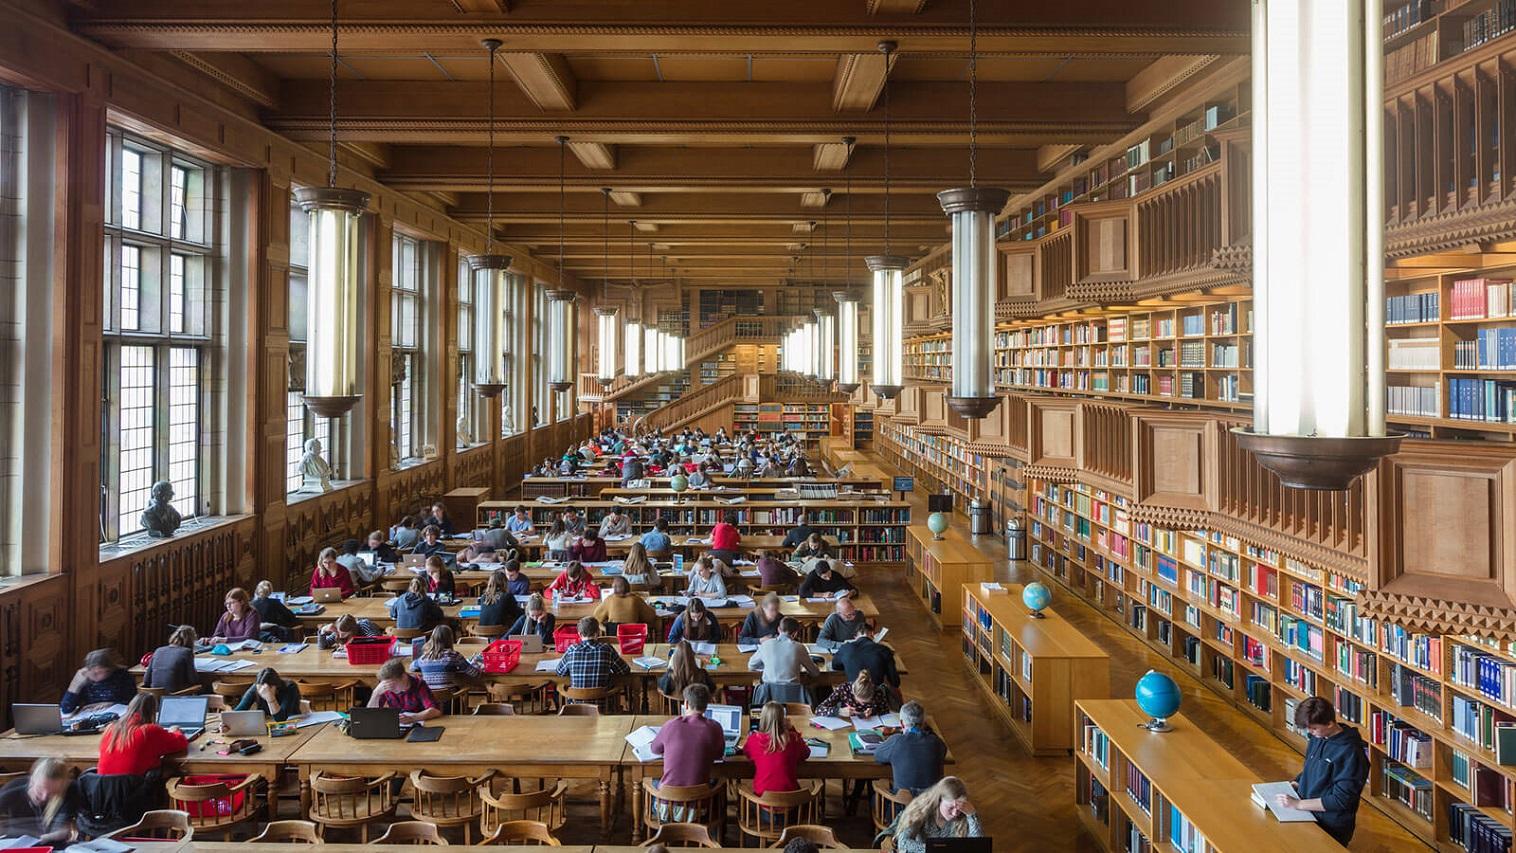 Sinh viên tự học trong thư viện KU Leuven - Đại học lâu đời nhất ở Bỉ